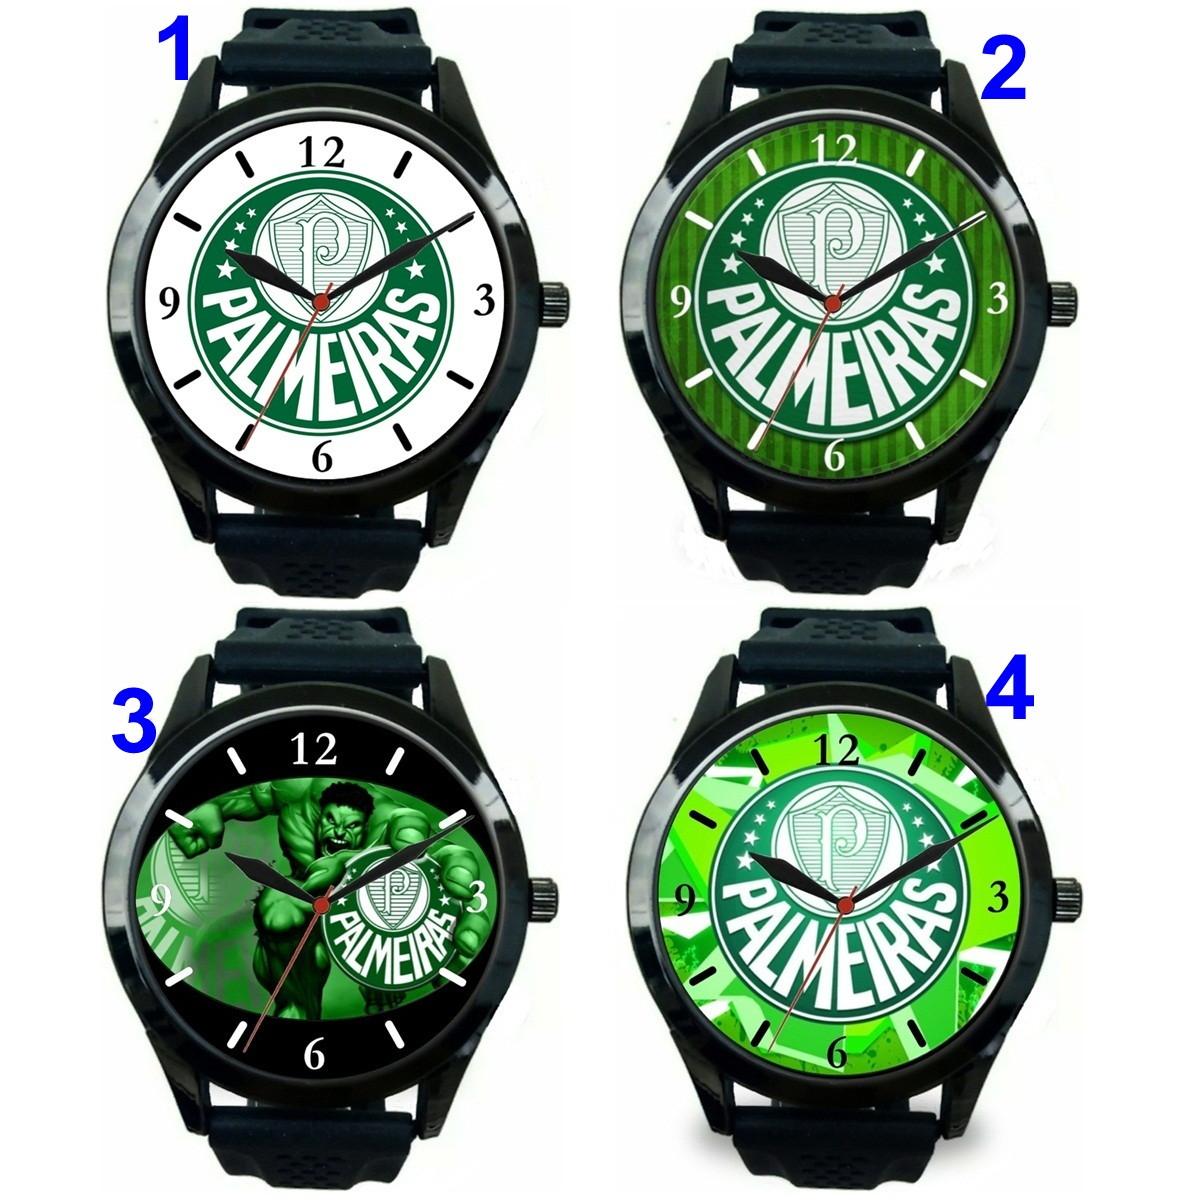 1 Relógio pulso personalizado esportivo Palmeíras barato no Elo7 ... 2e2d1ac108